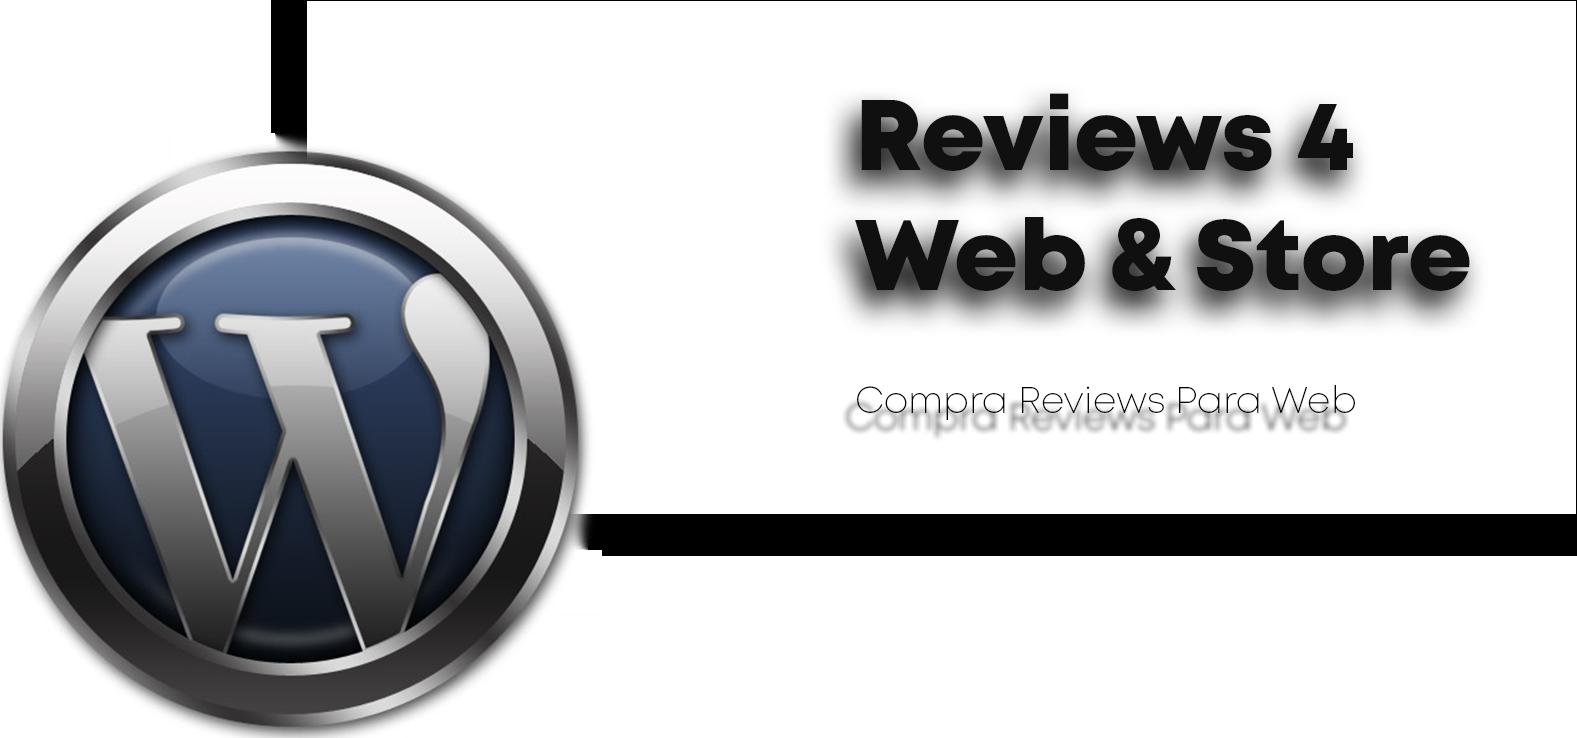 Web – Compra Reseñas – 100% Usuarios Reales